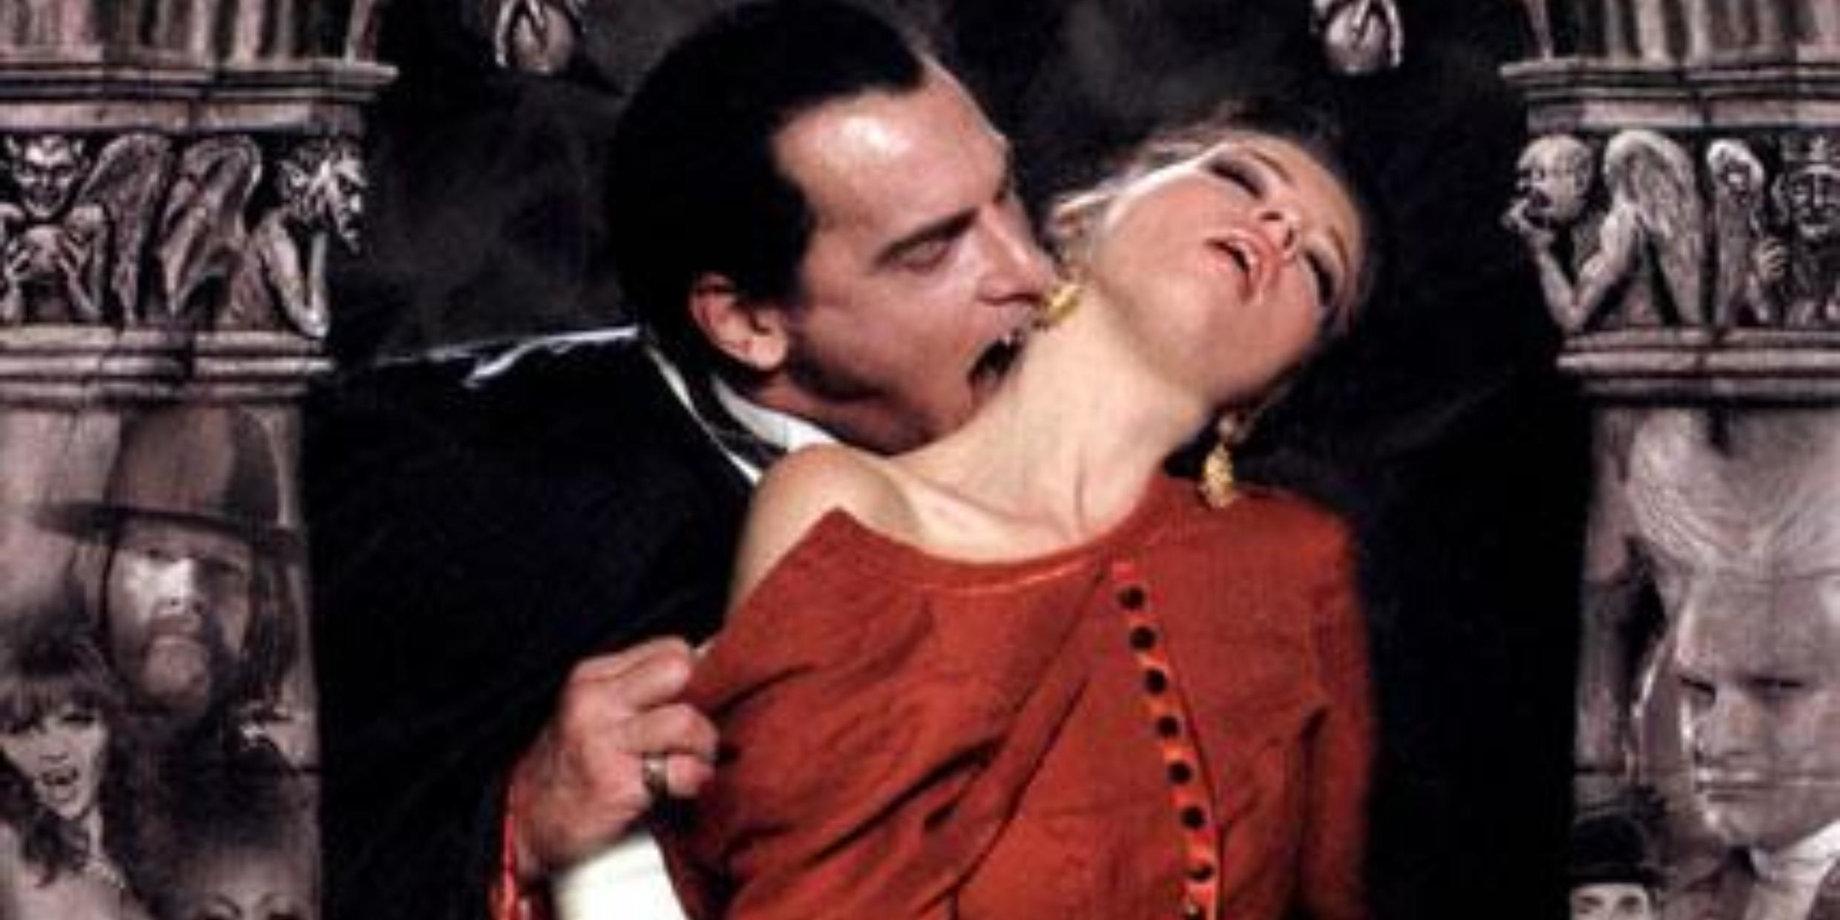 Смотреть бесплатно порно дракула, Dracula Дракула » Порно фильмы онлайн 3 фотография